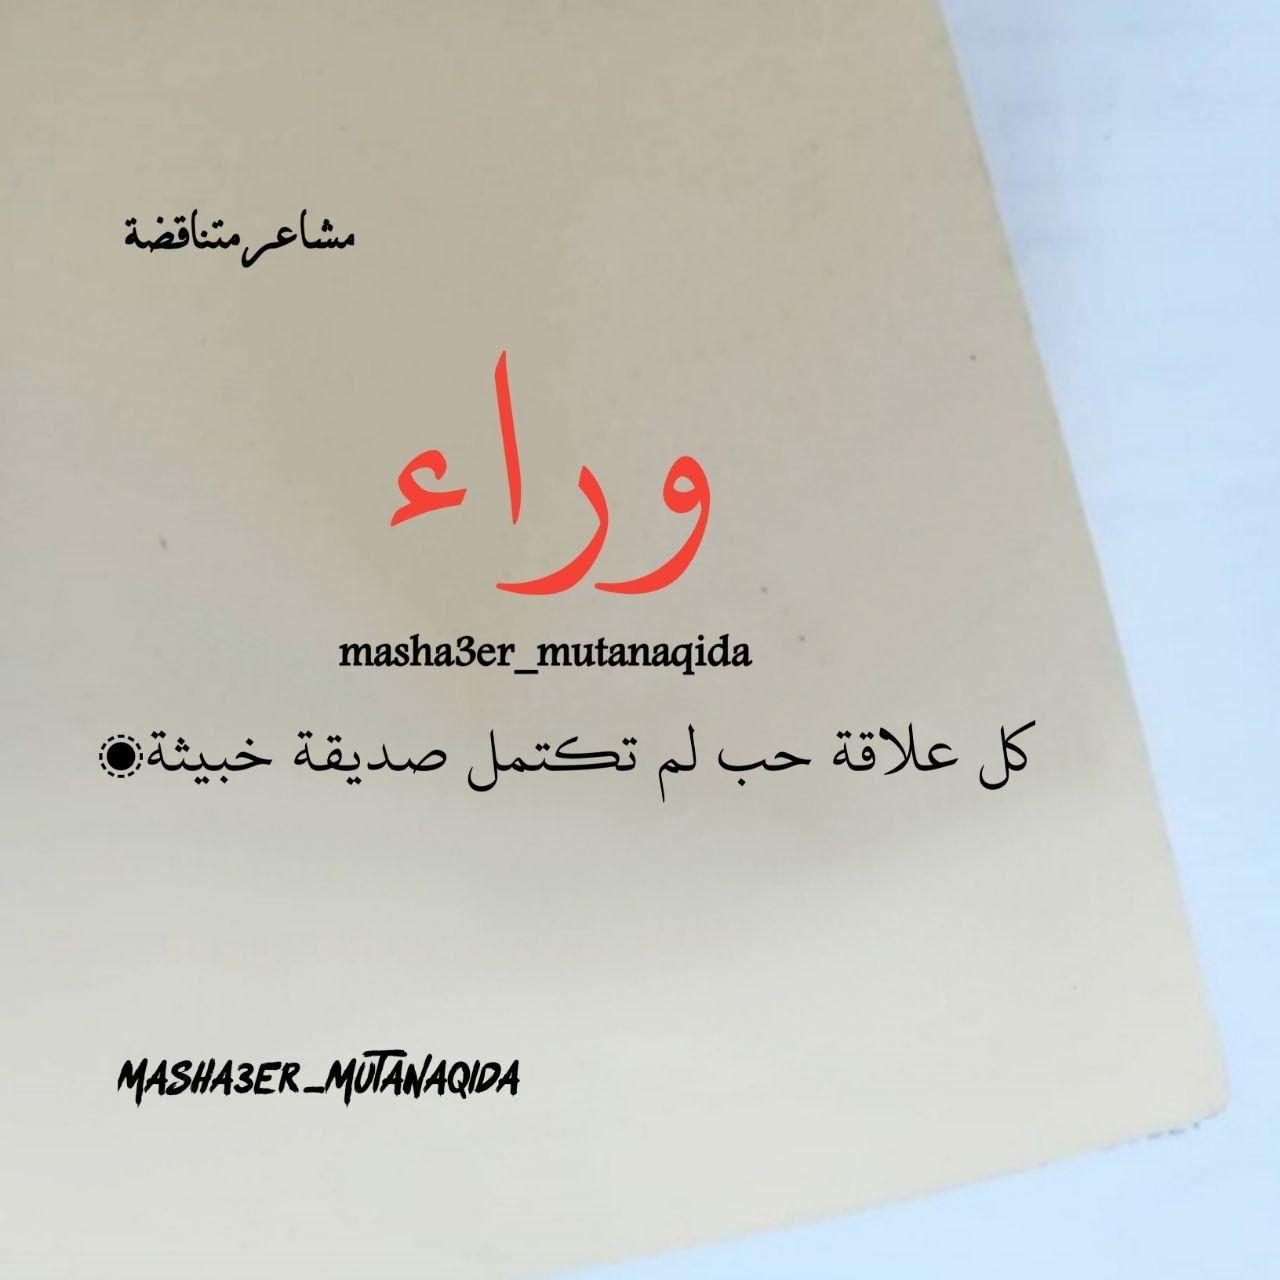 وراء كل علاقة حب لم تكتمل صديقة خبيثة Instagram Arabic Calligraphy Calligraphy